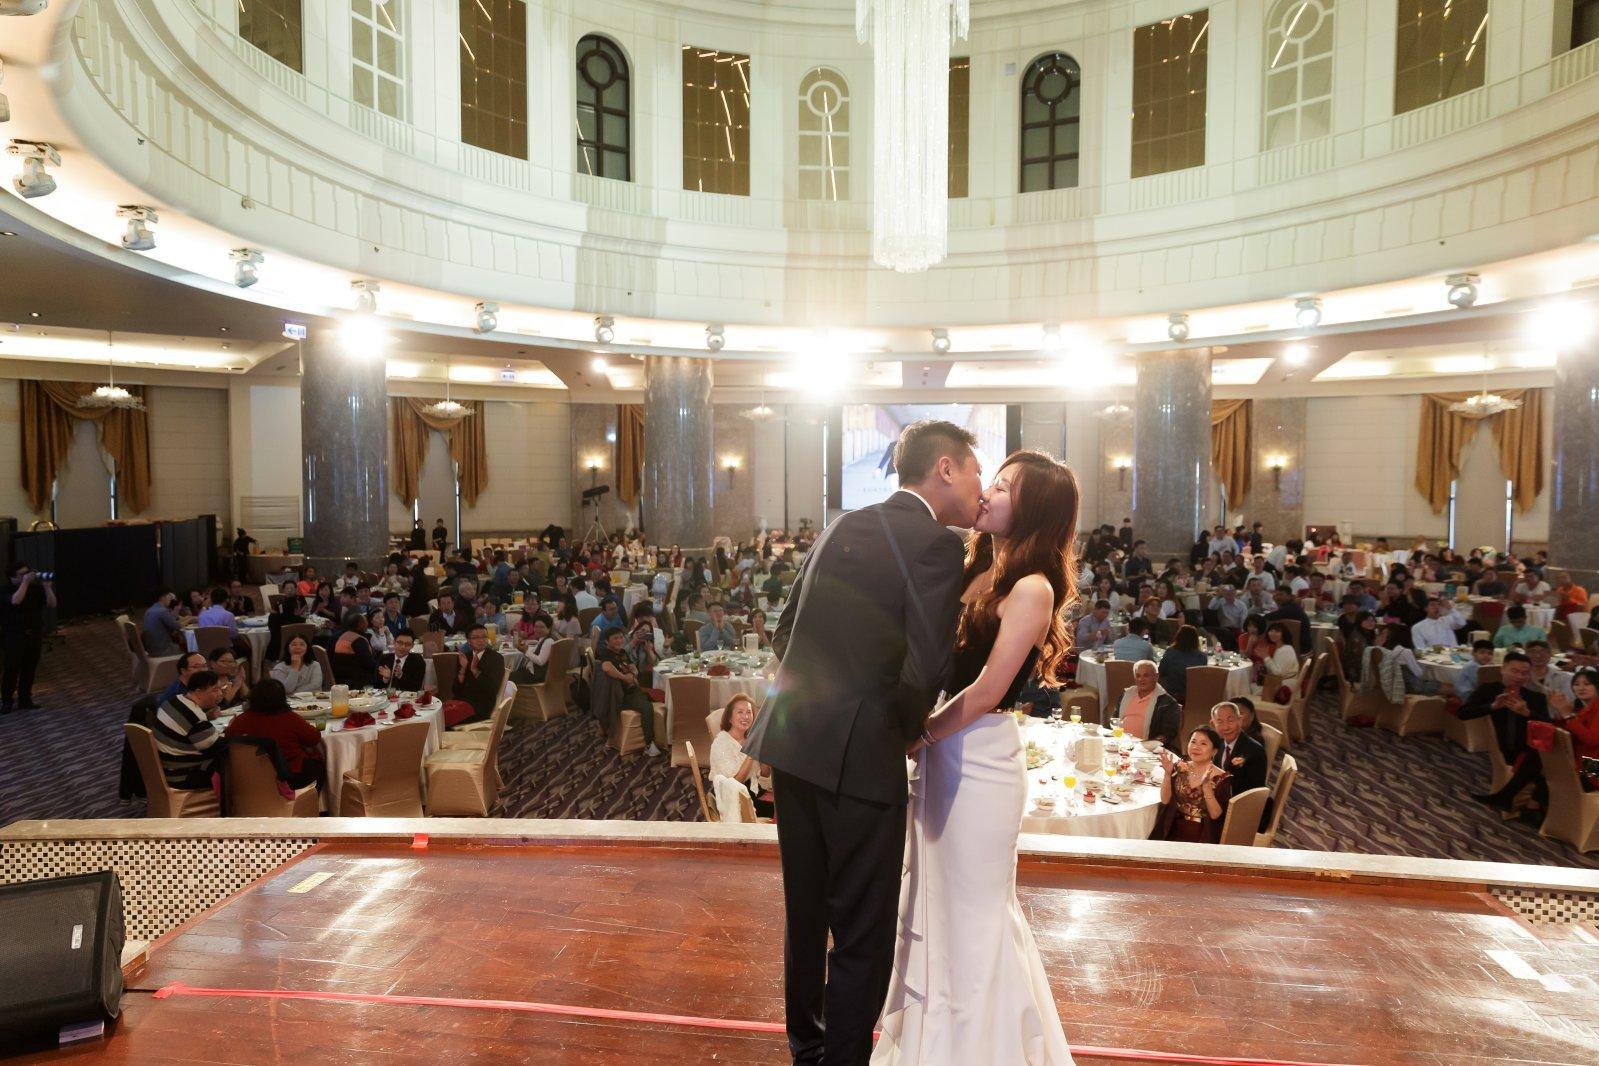 婚禮二進活動,婚禮唱歌,高雄義大皇家酒店,,義大皇家酒店婚攝